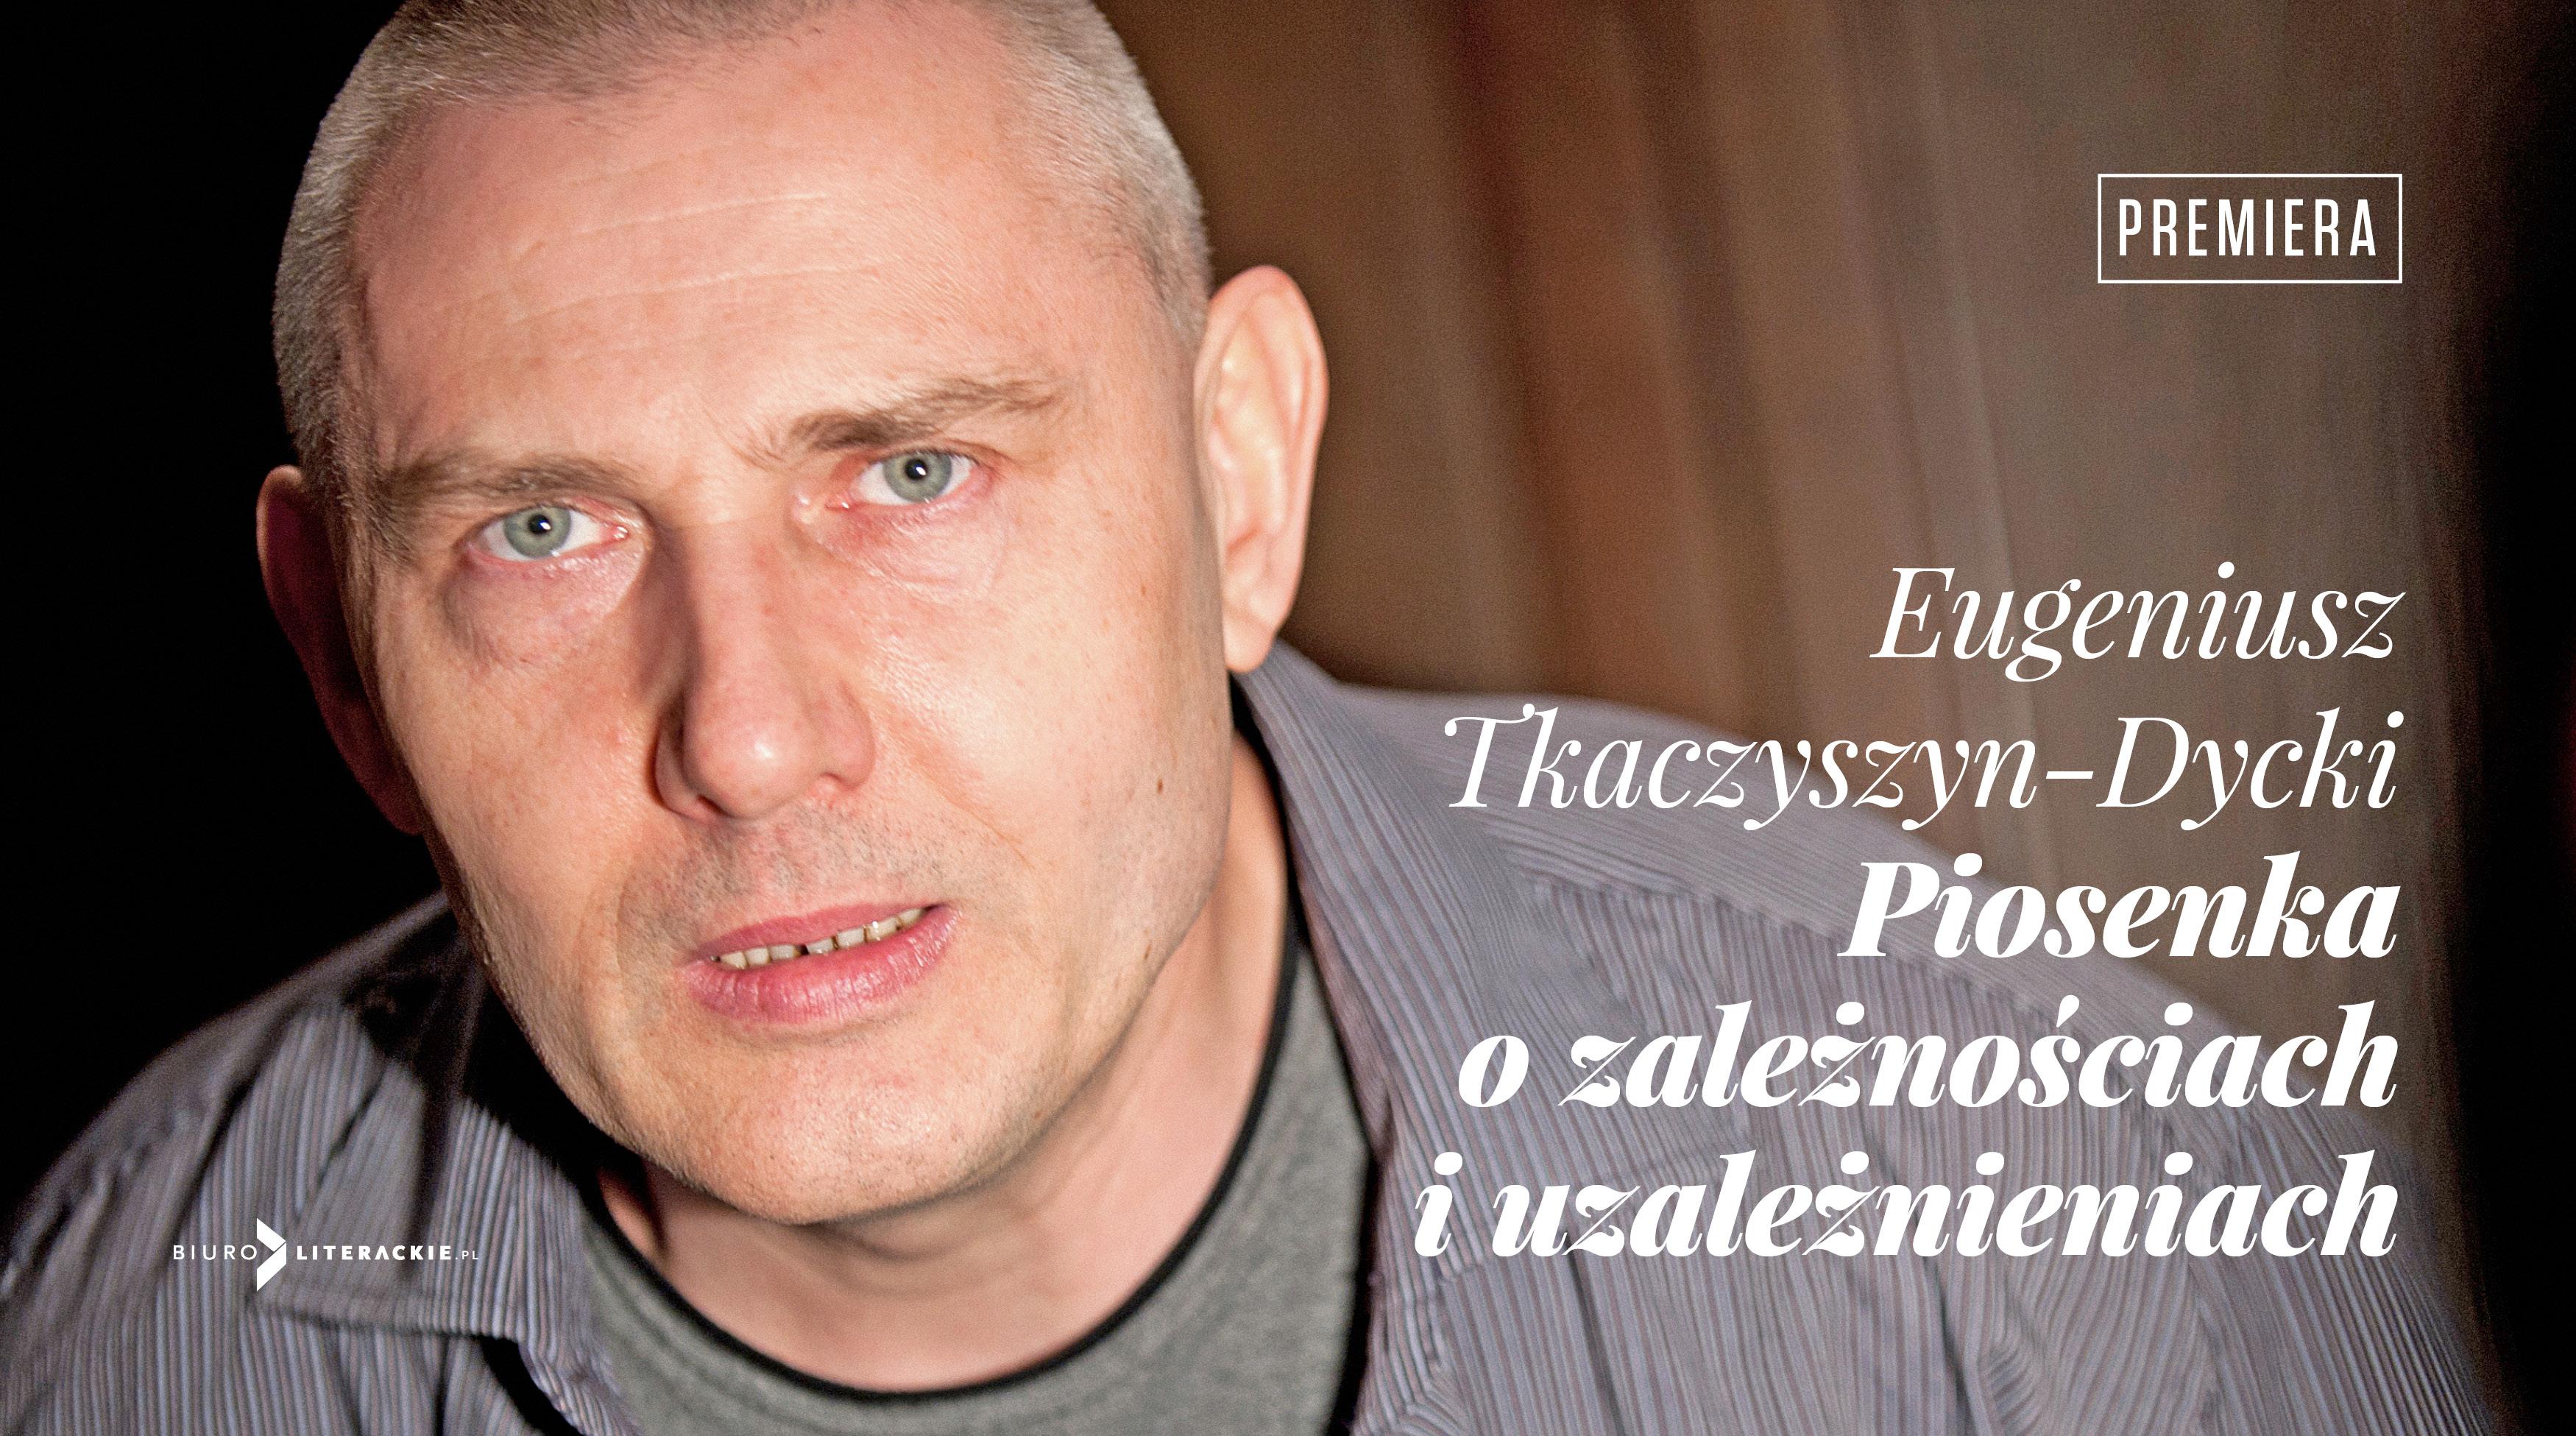 BL_Img_2018.05.09_Poezja_z_nagrodami_Piosenka_o_zaleznosciach_i_uzaleznieniach__www_top